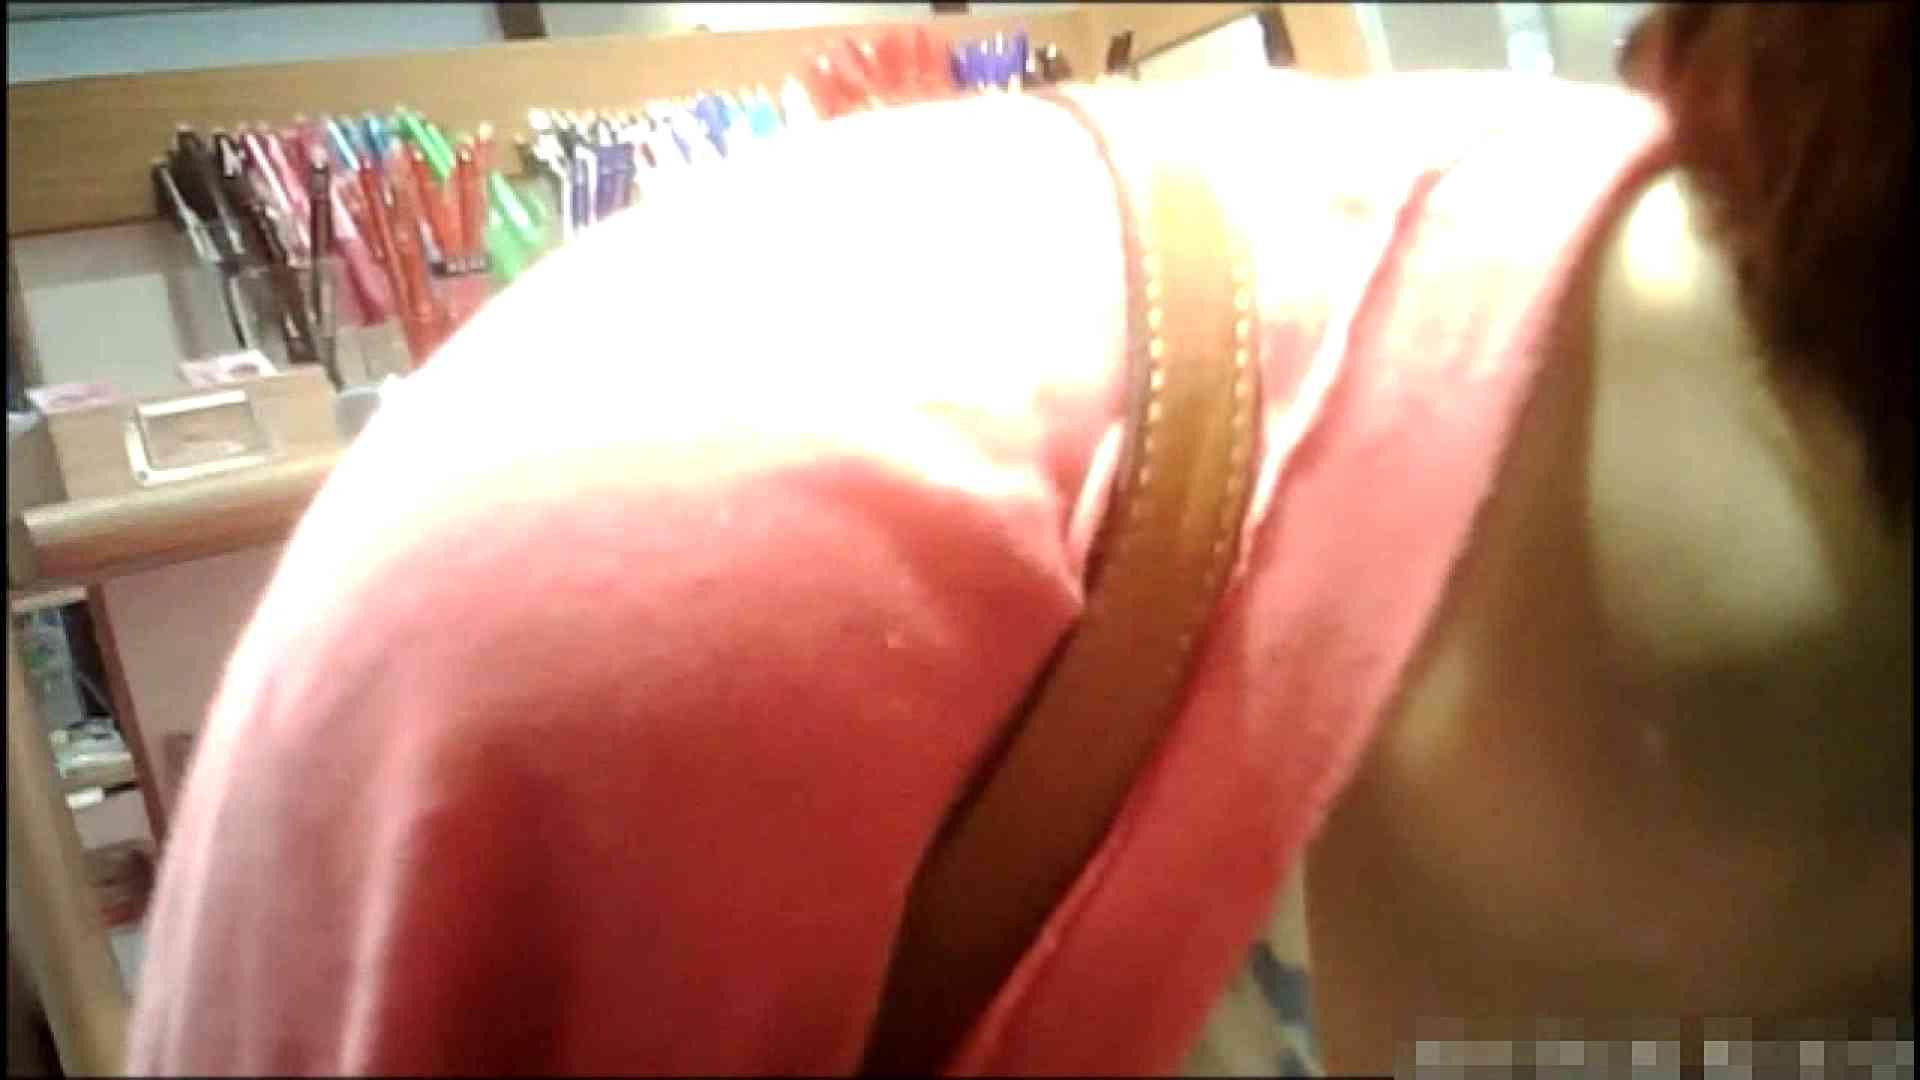 NO.1 普段から胸元がゆるい友達【某ファッションビル内の雑貨屋】 チラ 覗きぱこり動画紹介 102pic 98